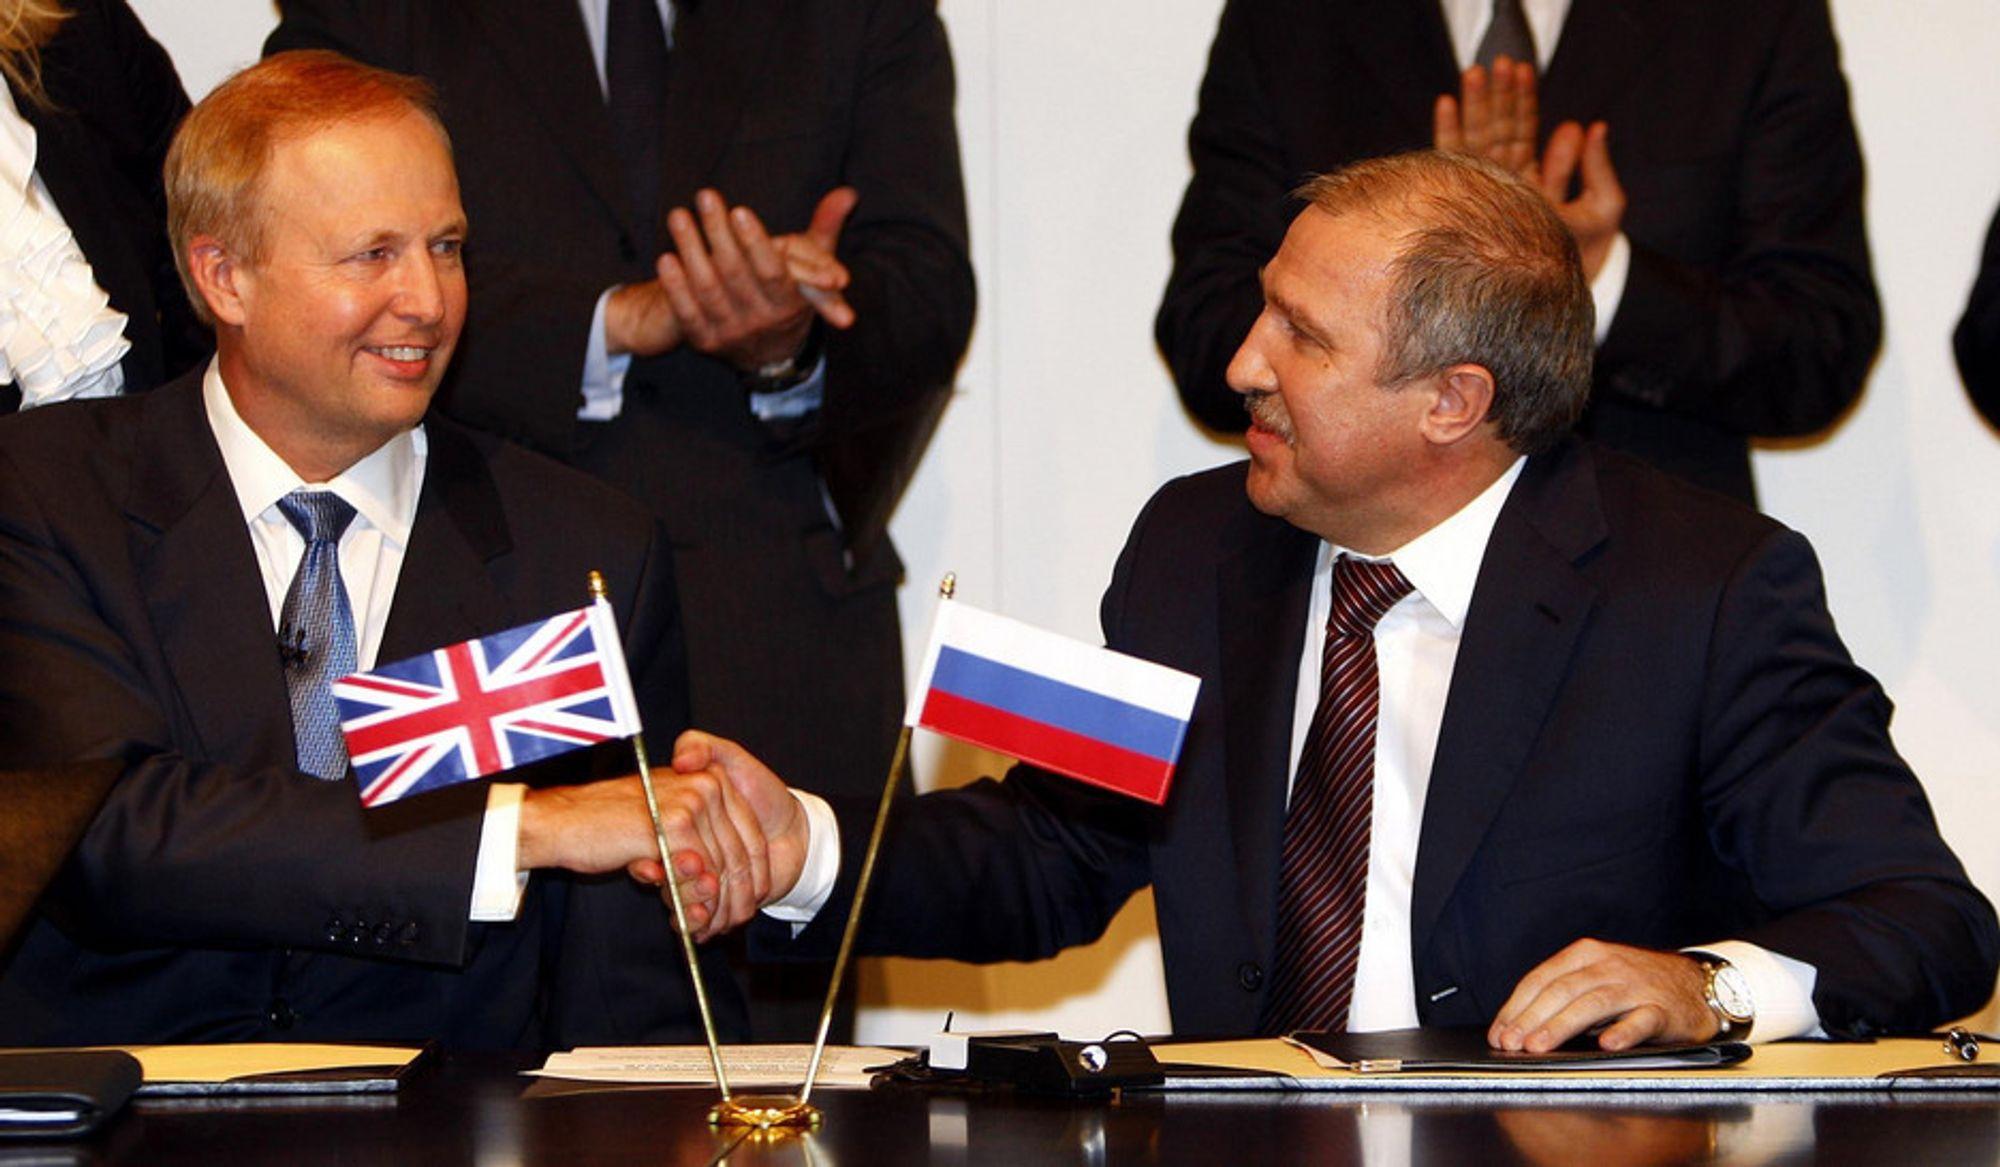 ENIGE: BP-sjef Bob Dudley (t.v.) og Rosneft-sjef Eduard Khudainatov ble enige om Arktis fredag 14. januar, i et møte ved BPs hovedkvarter i London.